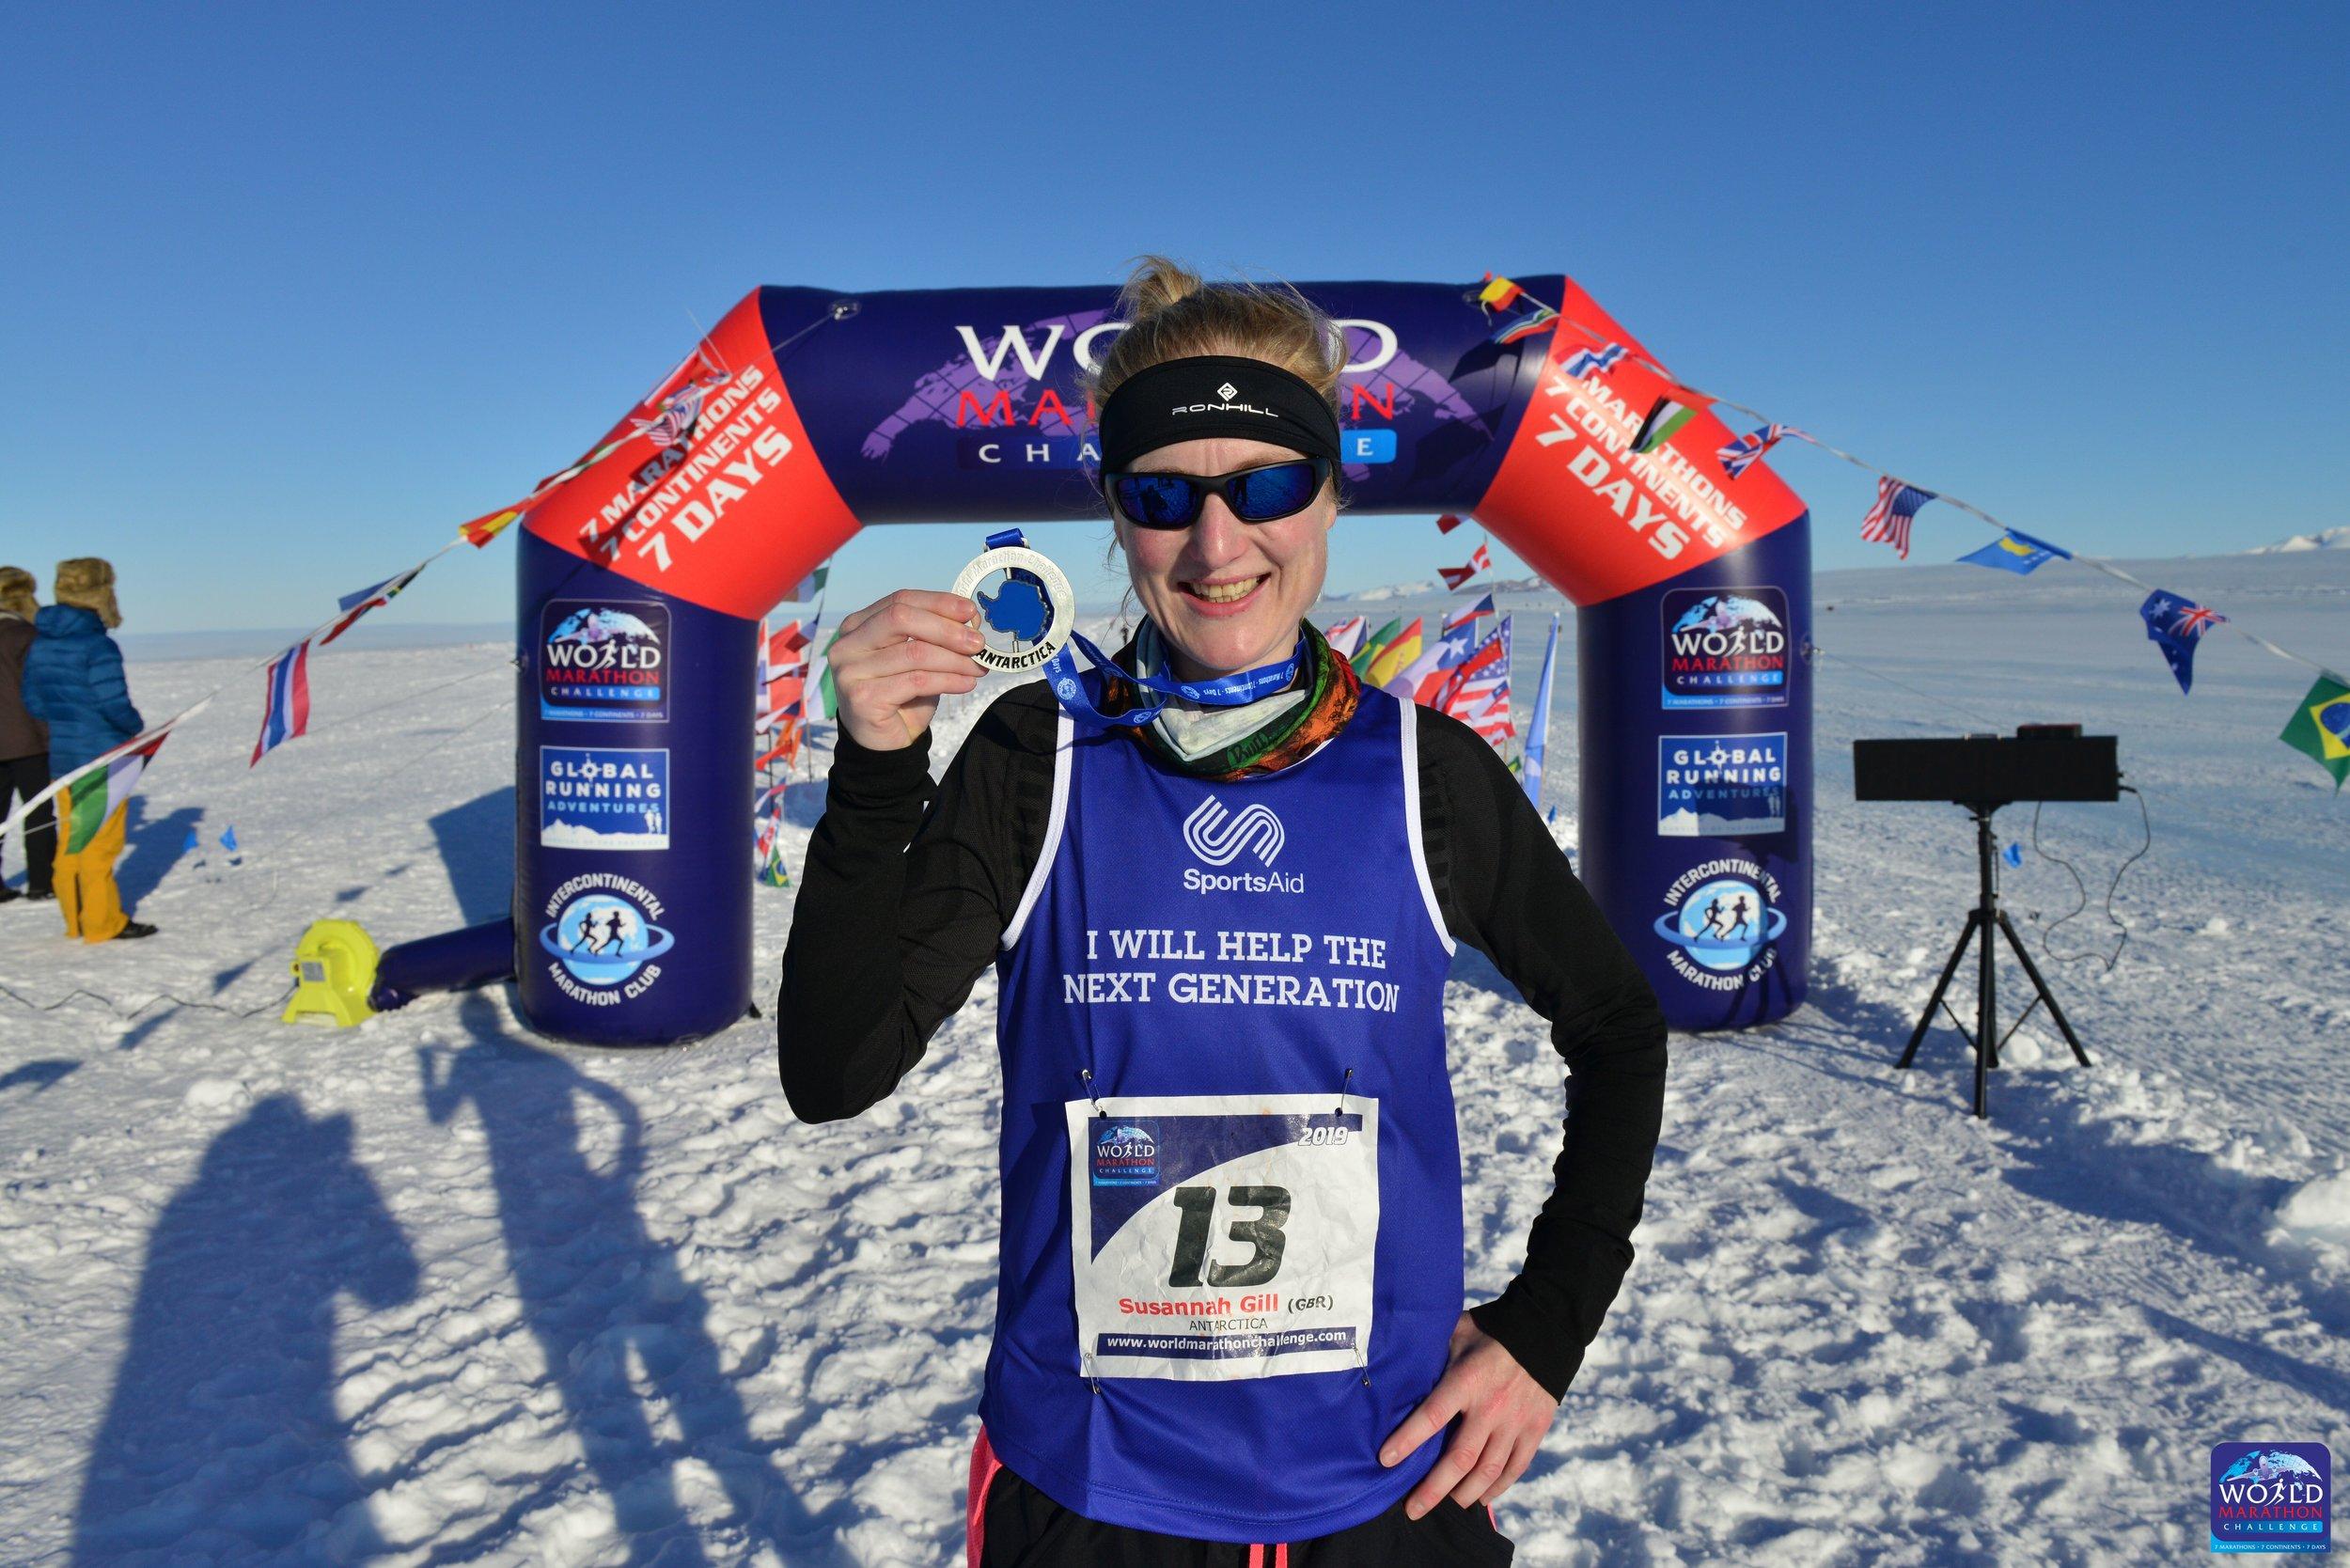 Susannah Gill wiht medal in Antarctica .jpg